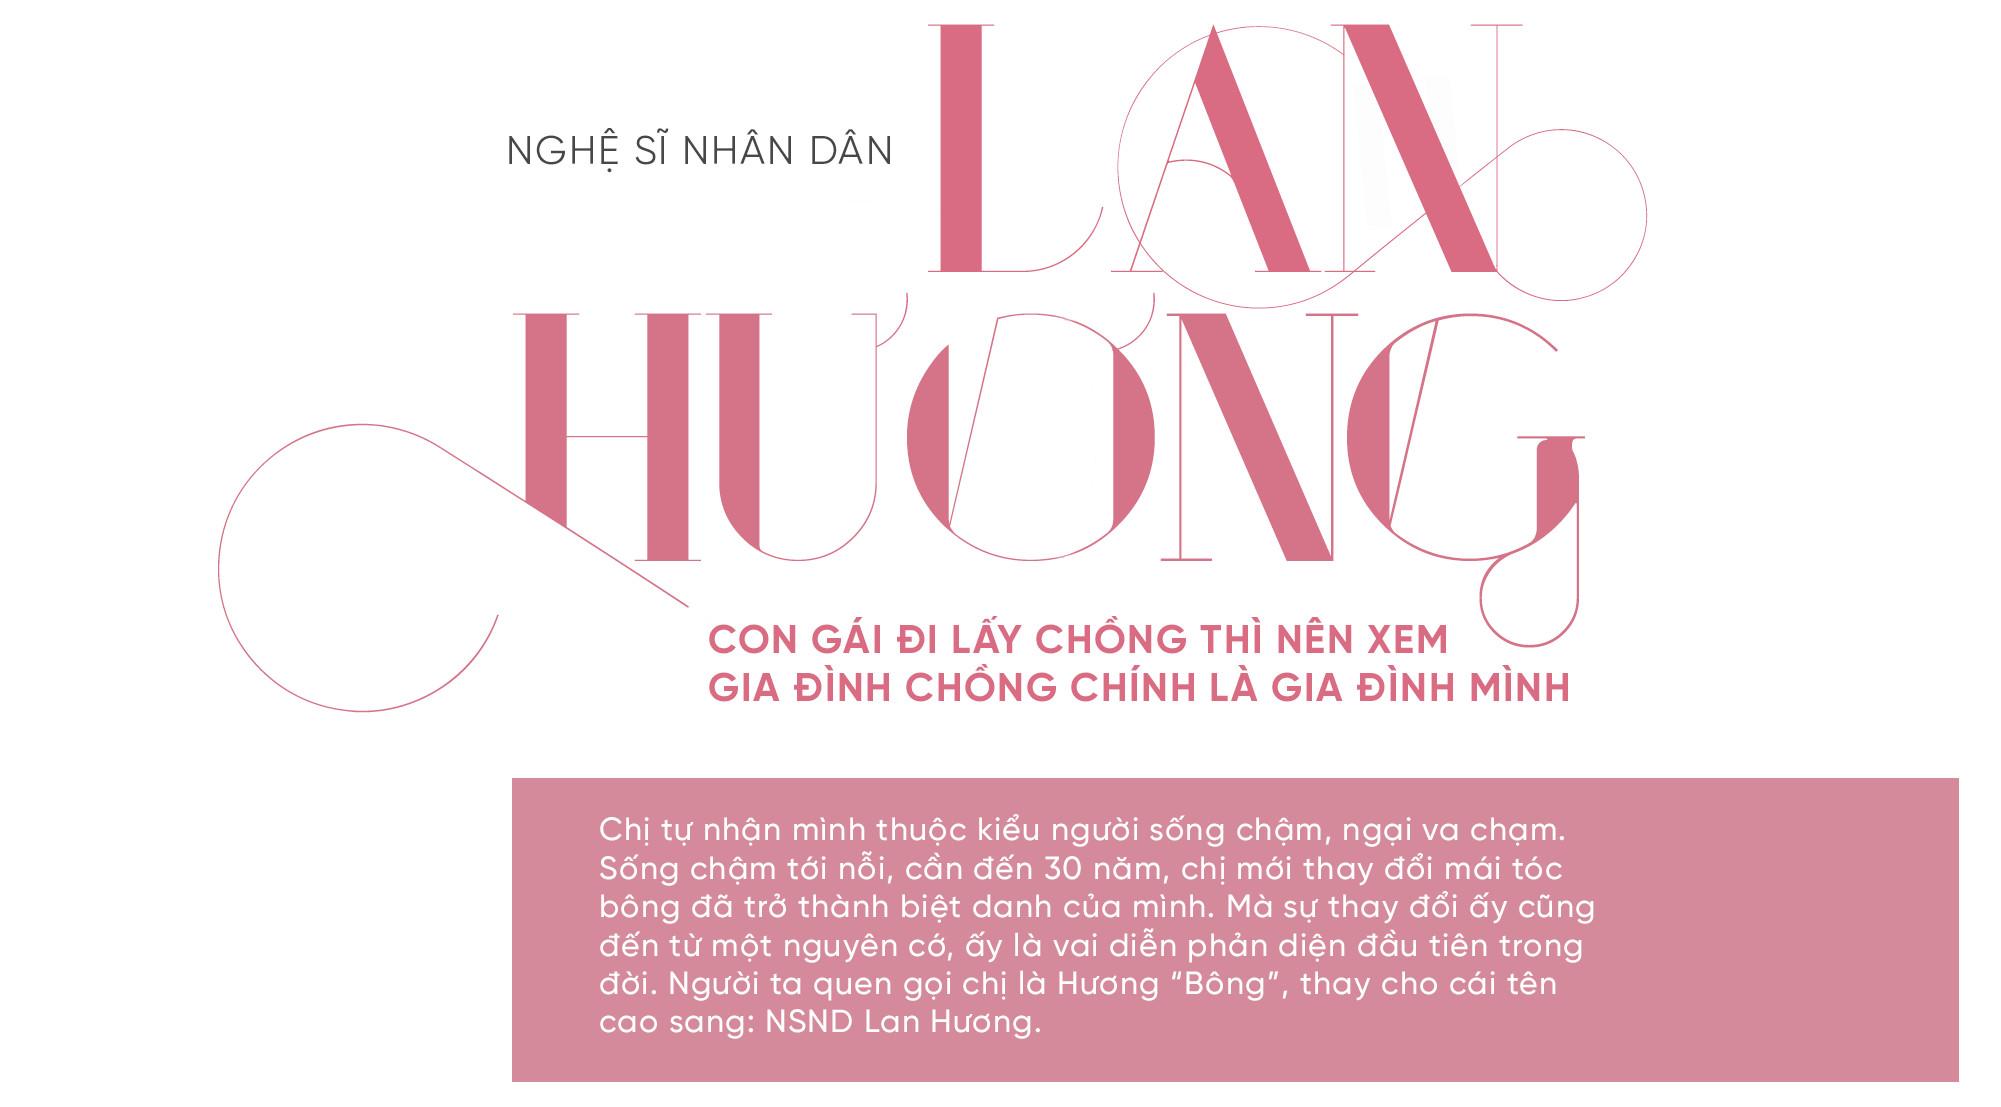 """NSND Lan Hương """"Bông"""": Con gái đi lấy chồng thì nên xem gia đình chồng chính là gia đình mình - Ảnh 1."""